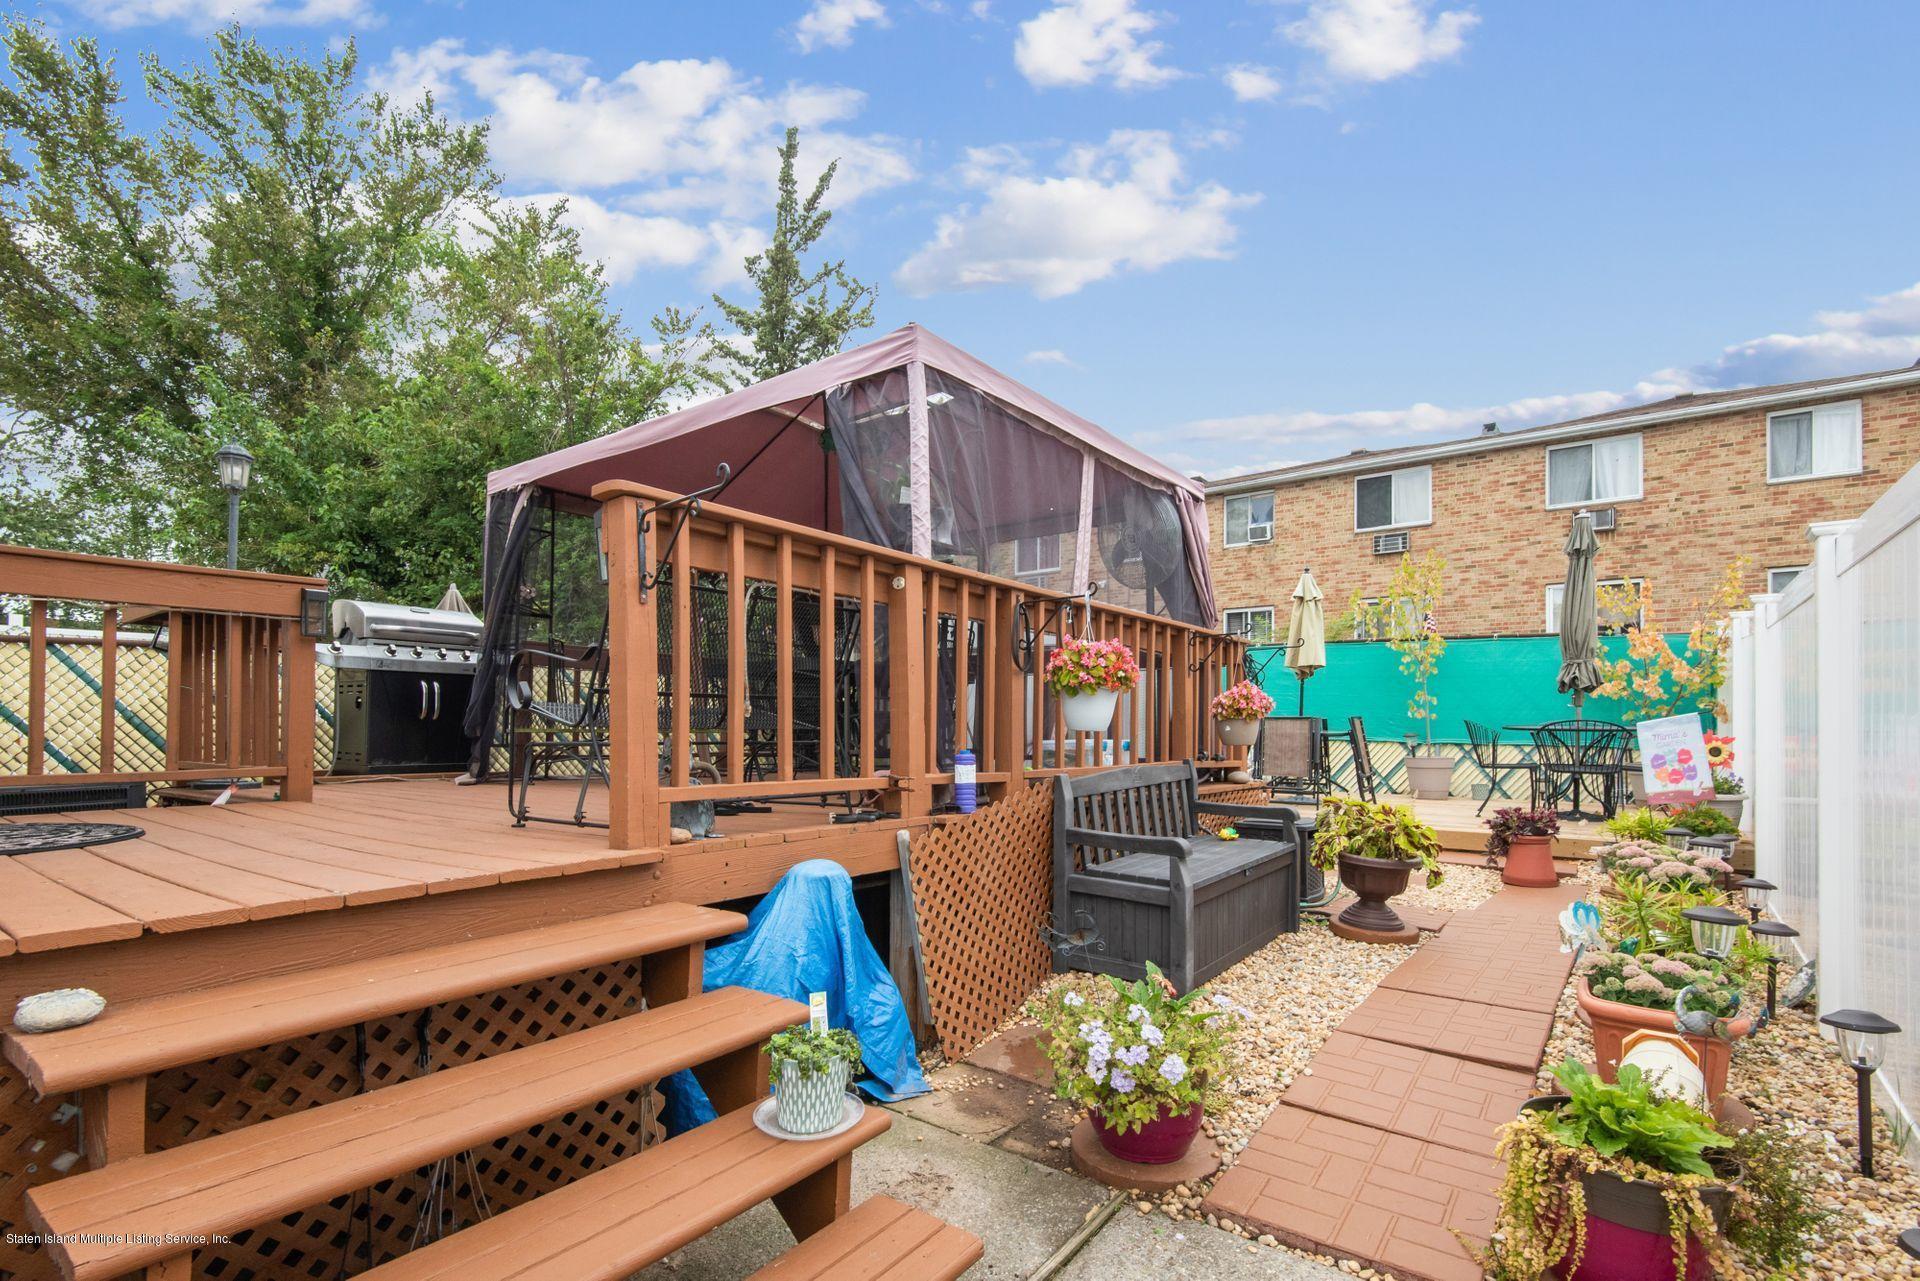 Single Family - Semi-Attached 69 Moffett Street  Staten Island, NY 10312, MLS-1131934-10